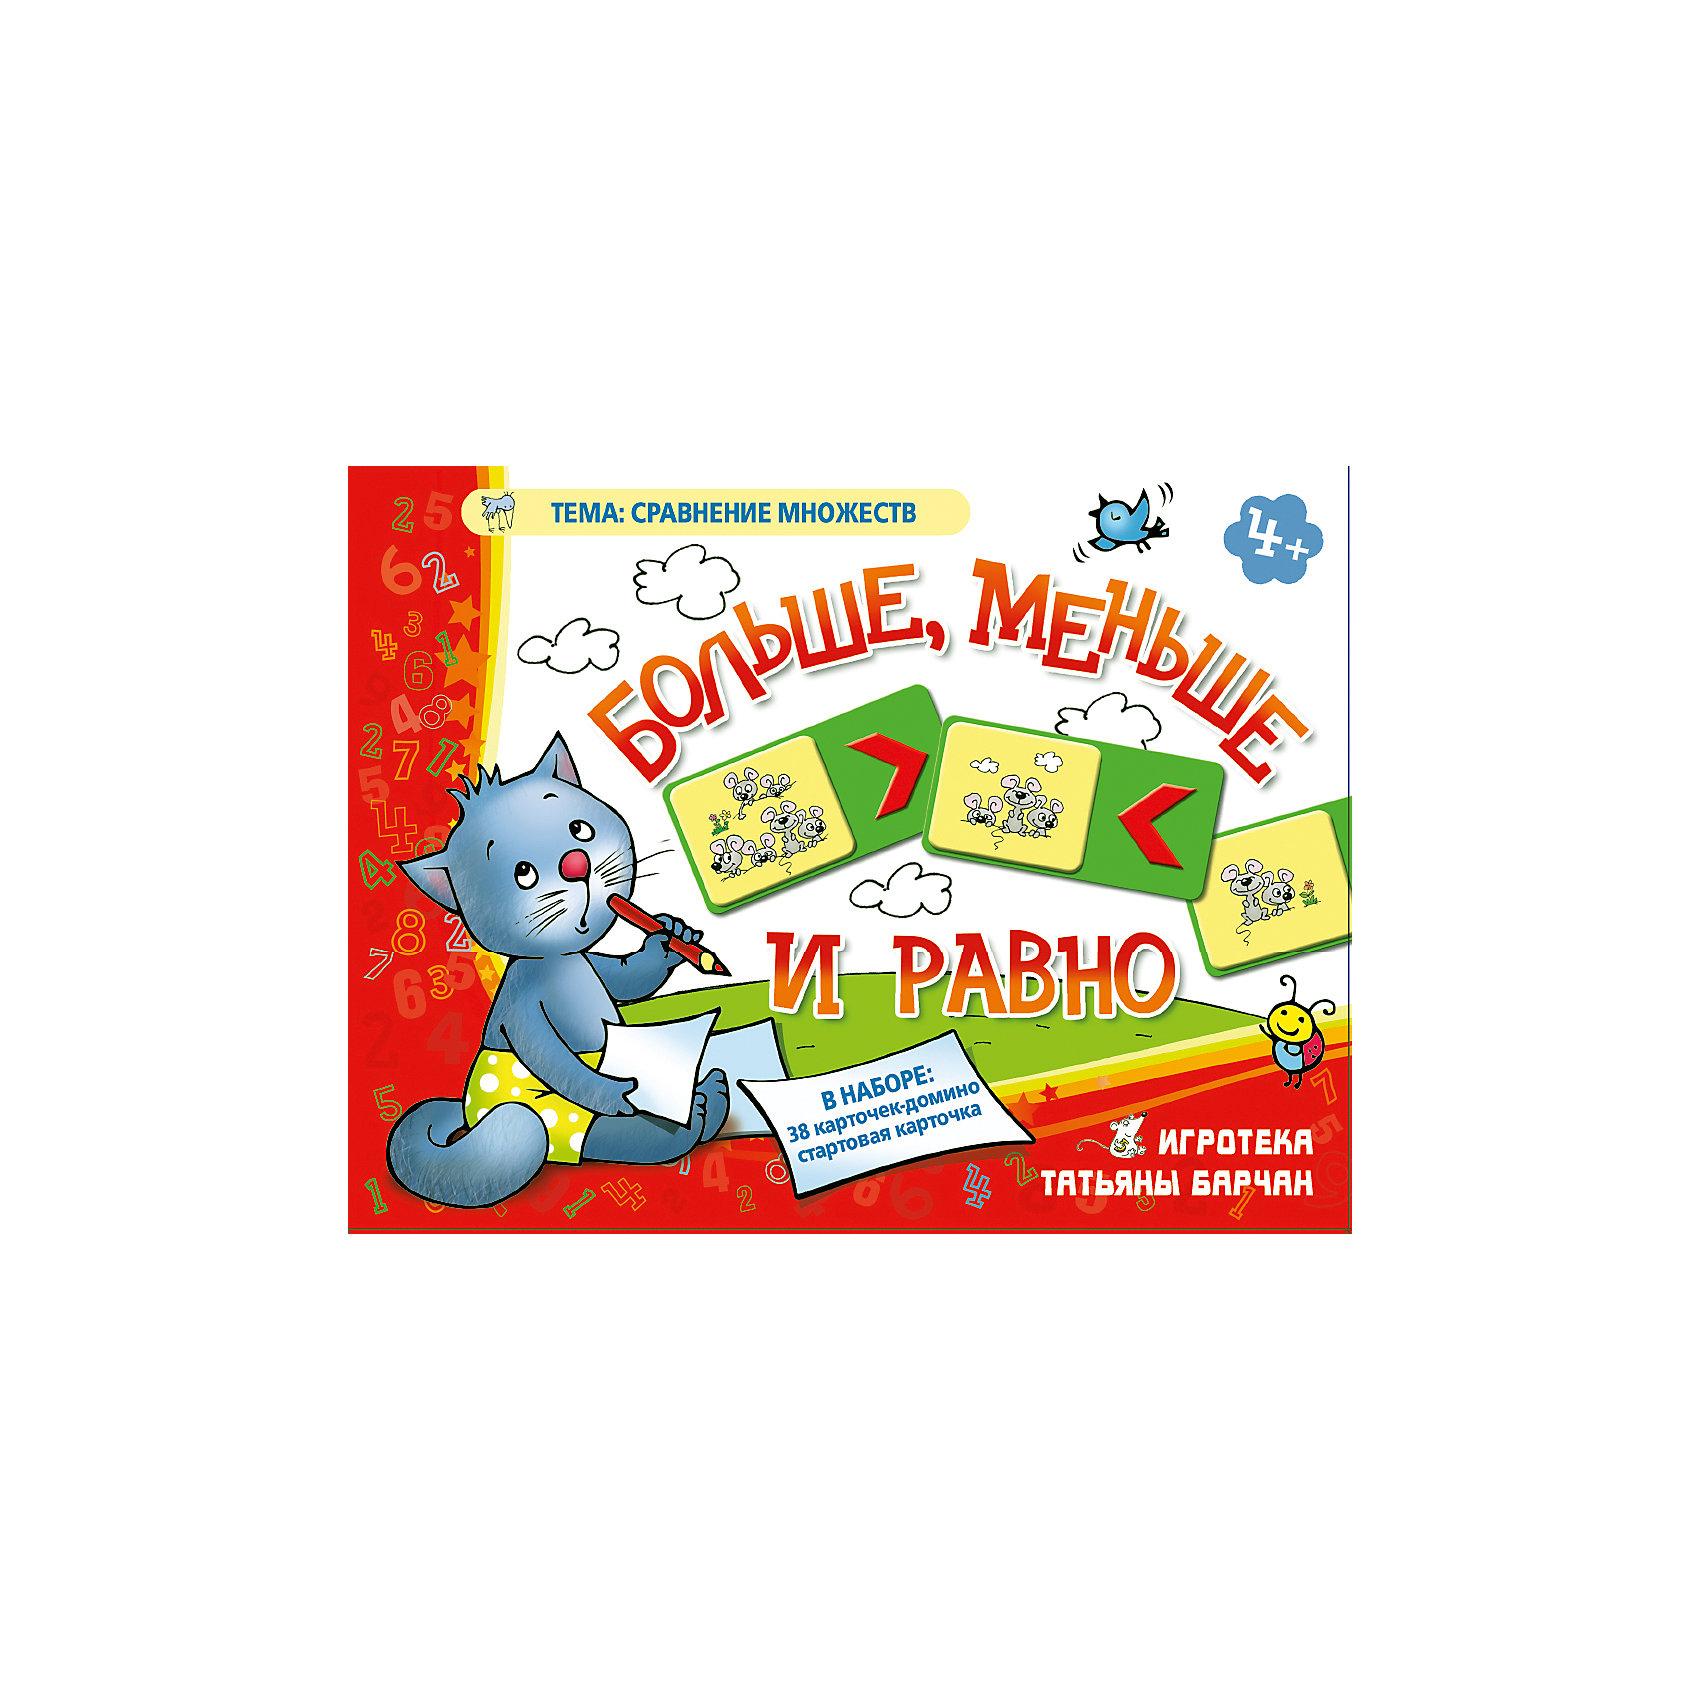 Больше, меньше и равно, Игротека Татьяны БарчанДомино<br>Больше, меньше и равно, Игротека Татьяны Барчан.<br><br>Характеристики:<br><br>• Для детей в возрасте: от 4 до 7 лет<br>• В комплекте: большая стартовая карточка, 48 карточек-домино<br>• Тема: Сравнение множеств<br>• Материал: плотный качественный картон<br>• Производитель: ЦОТР Ребус (Россия)<br>• Упаковка: картонная коробка<br>• Размер упаковки: 270х108х28 мм.<br>• Вес: 208 гр.<br><br>Есть вещи, трудно поддающиеся пересчету. Мухи, например, или вороны… А вот мышек считать весело и просто! Но не только считать, нужно сравнить численность мышиного семейства на карточках и правильно поставить знак больше, меньше или равно между ними. <br><br>В начале игры выкладывается стартовая карточка, в центре которой нарисованы четыре мышки, а по краям знаки: больше, меньше, равно. Игрокам выдается по семь каточек домино. Каждая карточка, как и в обычном домино, разделена на две части. Справа на карточке нарисованы мышки, а слева математические знаки. <br><br>Задача игрока правильно расположить мышек по отношению к знаку. Например: шесть мышек больше чем четыре, поэтому карточку надо положить к знаку «больше» и таким образом построить цепочки из карточек, внимательно следя за знаками. «Больше» и «меньше» - коварные знаки, которые еще долго будут расставлять ловушки для учеников начальных классов.<br><br>Игру Больше, меньше и равно, Игротека Татьяны Барчан можно купить в нашем интернет-магазине.<br><br>Ширина мм: 180<br>Глубина мм: 135<br>Высота мм: 40<br>Вес г: 243<br>Возраст от месяцев: 48<br>Возраст до месяцев: 84<br>Пол: Унисекс<br>Возраст: Детский<br>SKU: 6751303